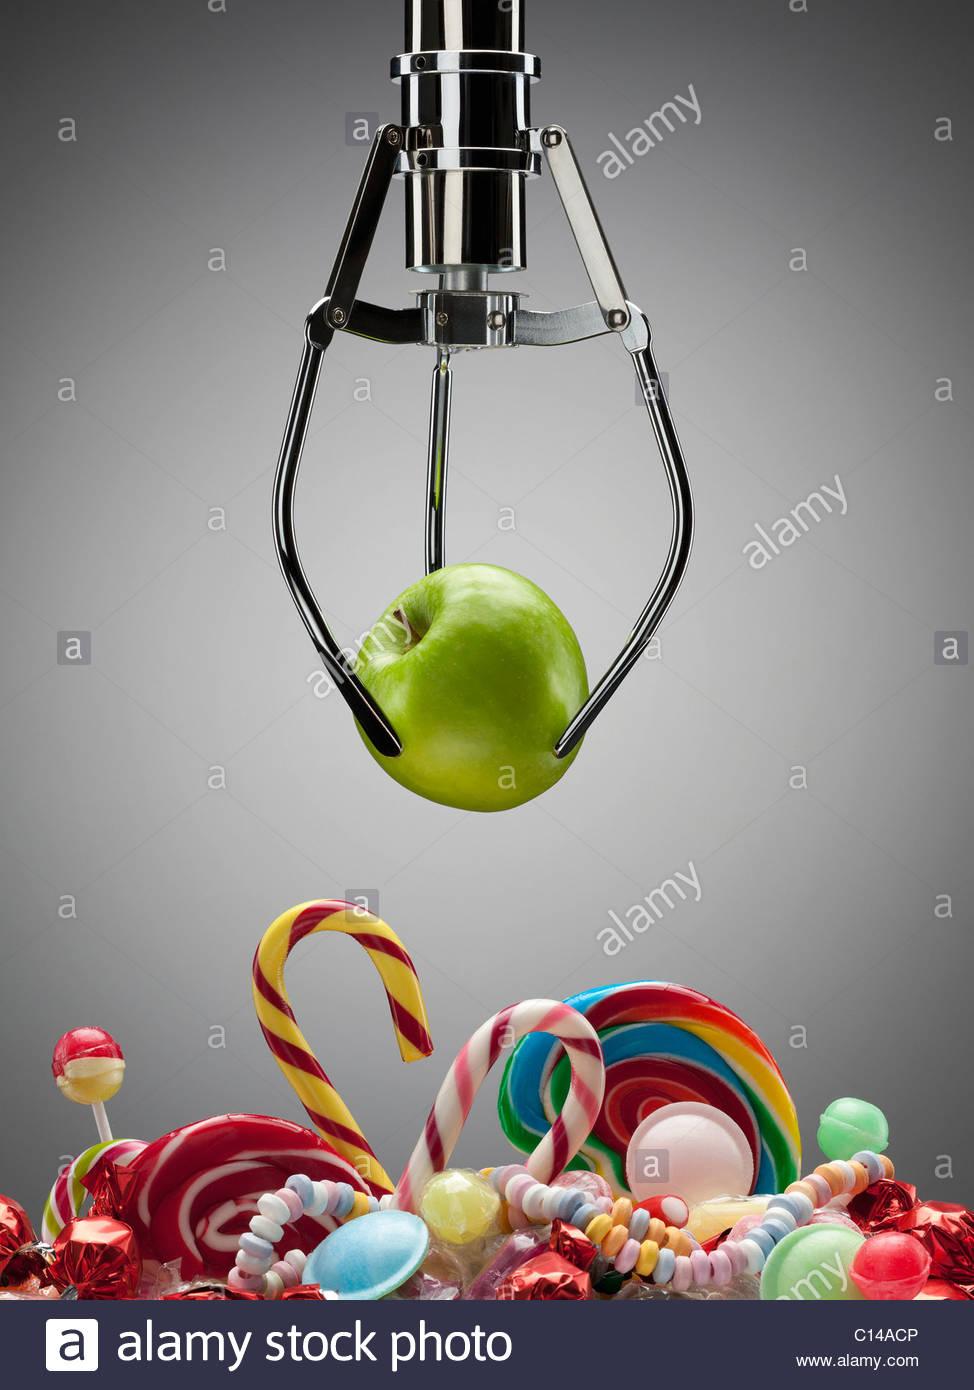 Gancio con mela verde sopra la varietà di dolci caramelle Immagini Stock